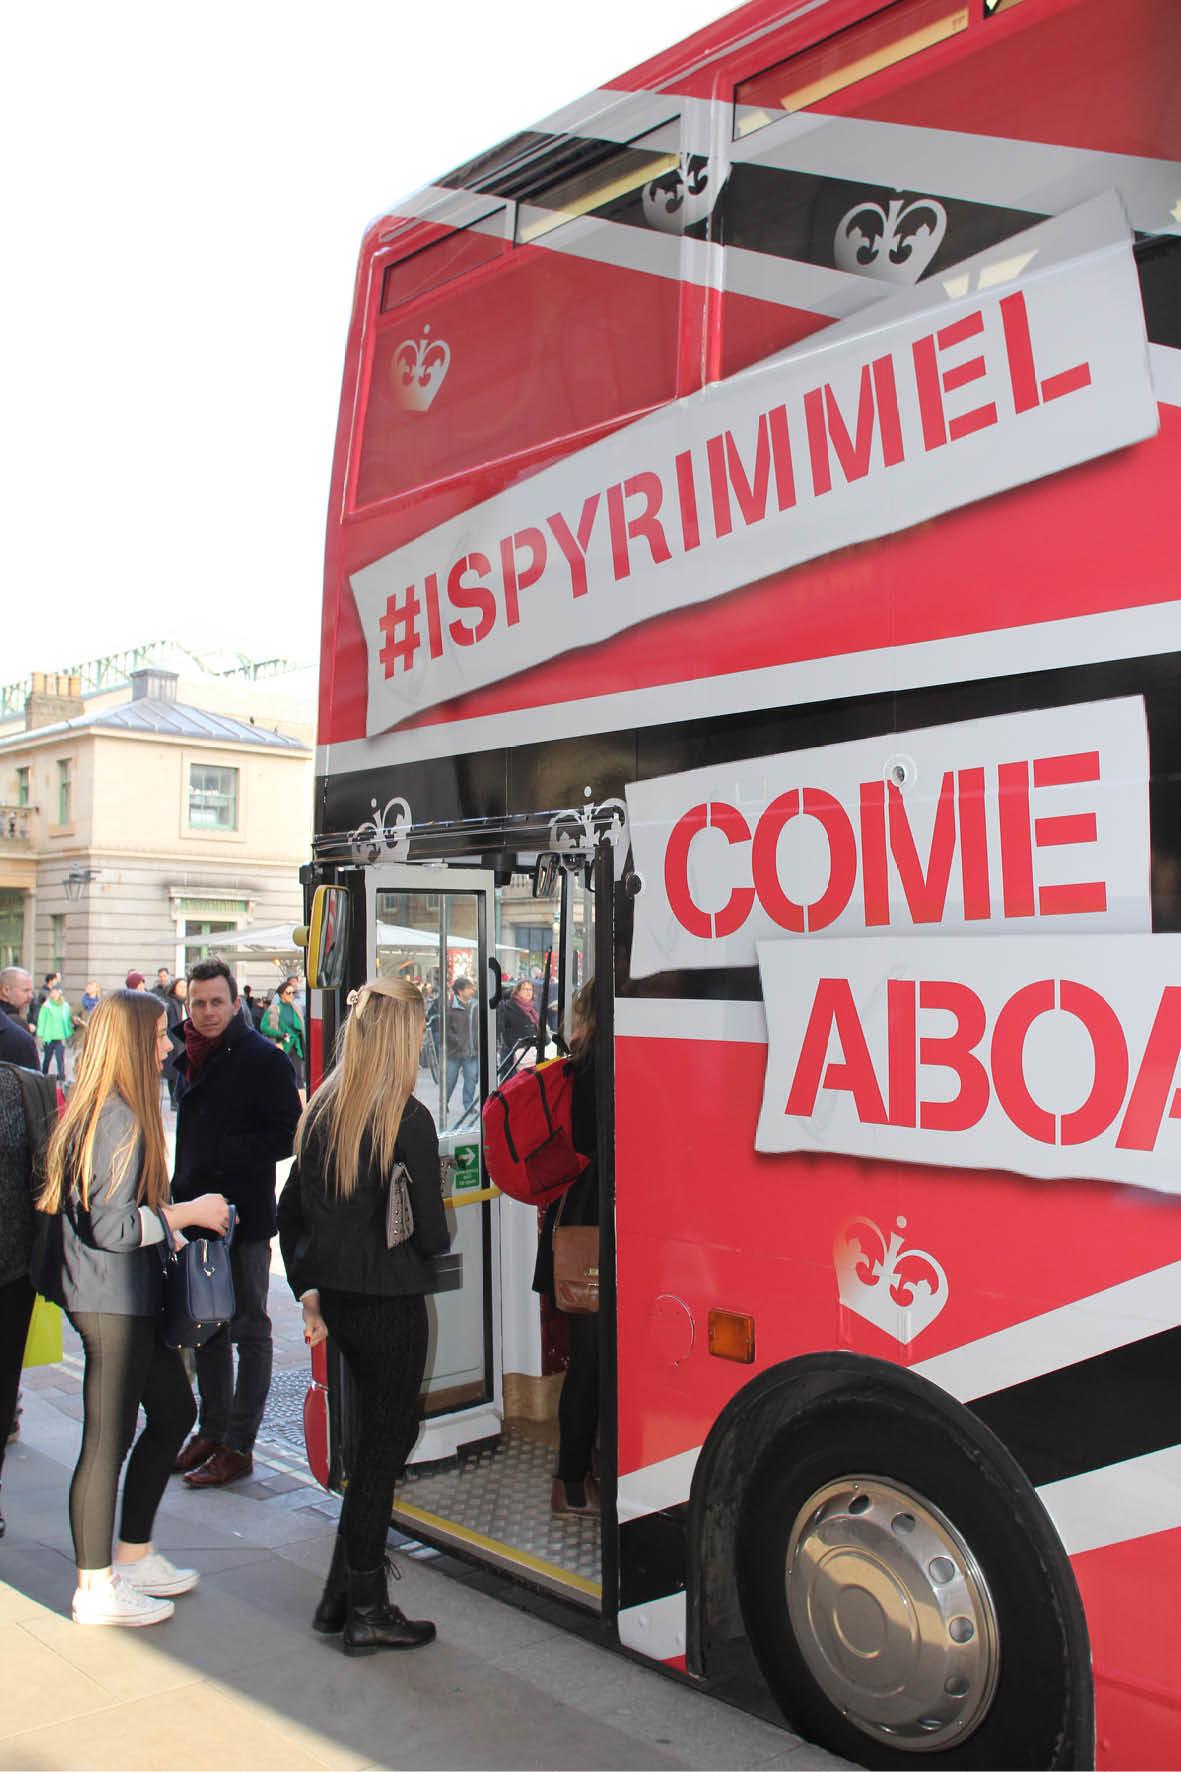 bus_business_rimmel_2018_p_2.jpg